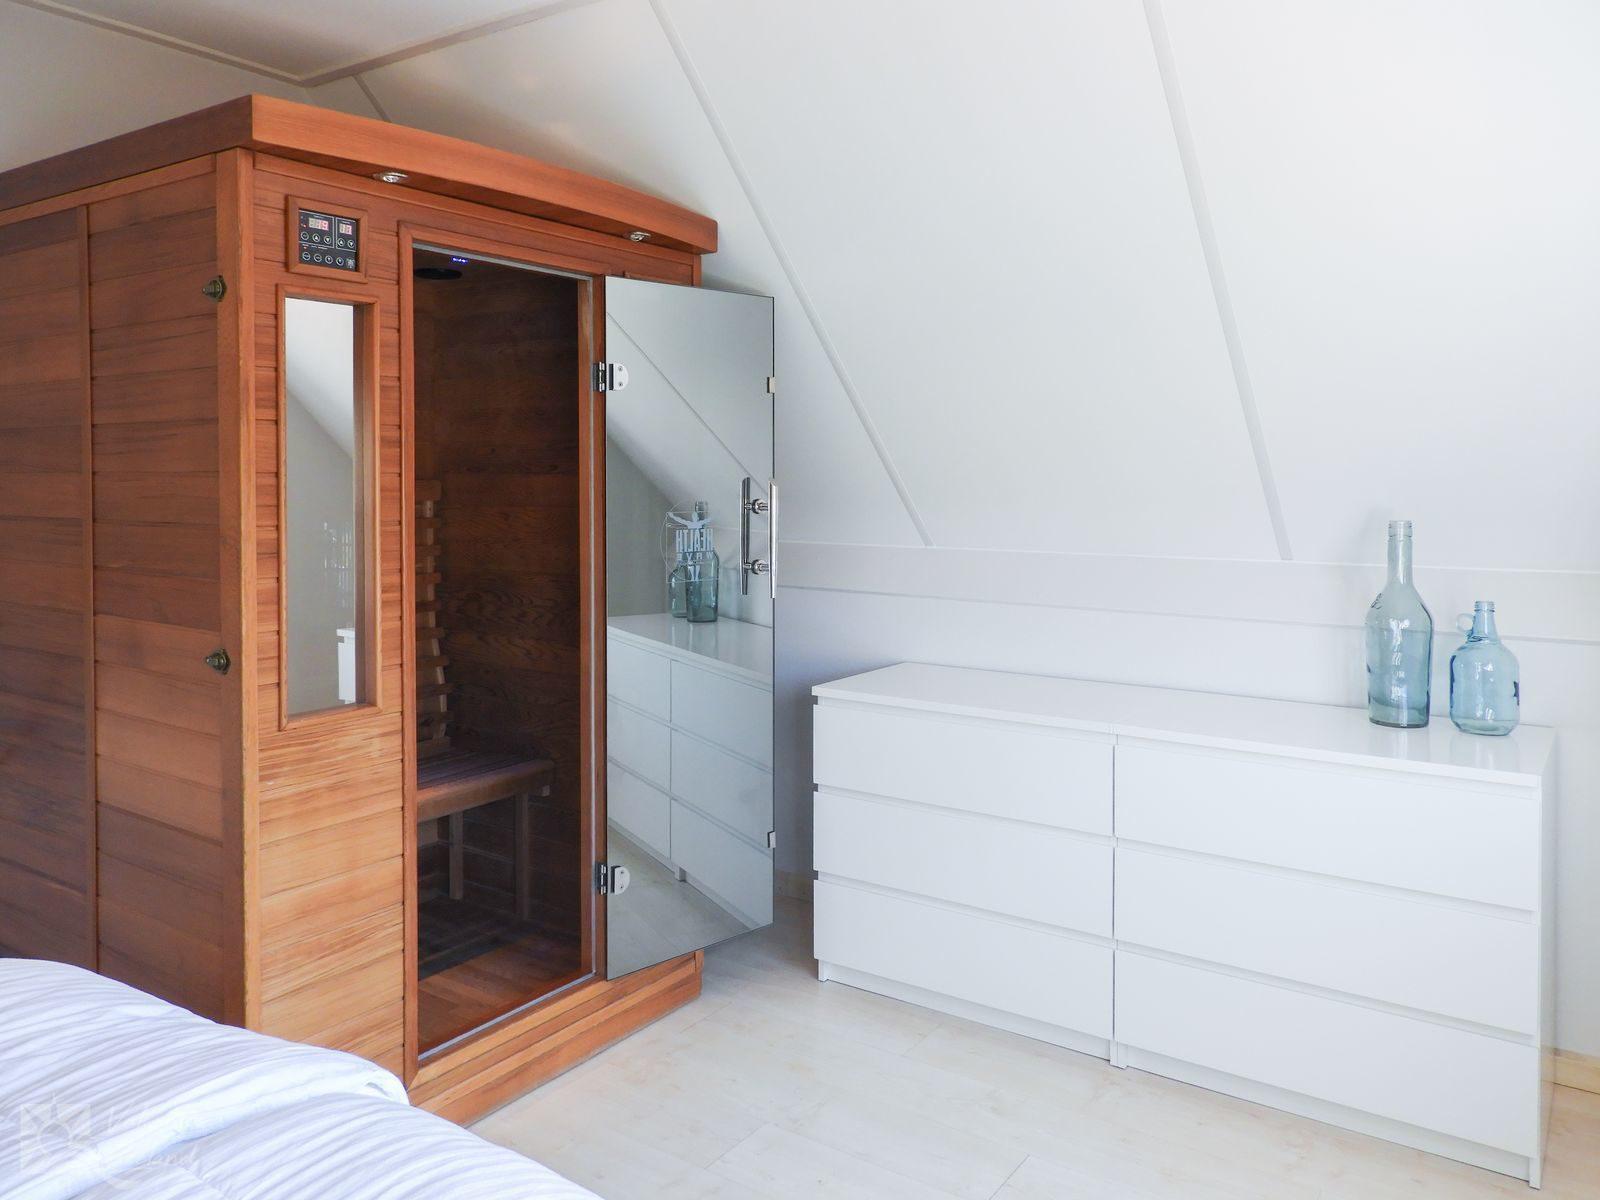 Top 5 vakantiehuizen met sauna, jacuzzi en hottub in Zeeland